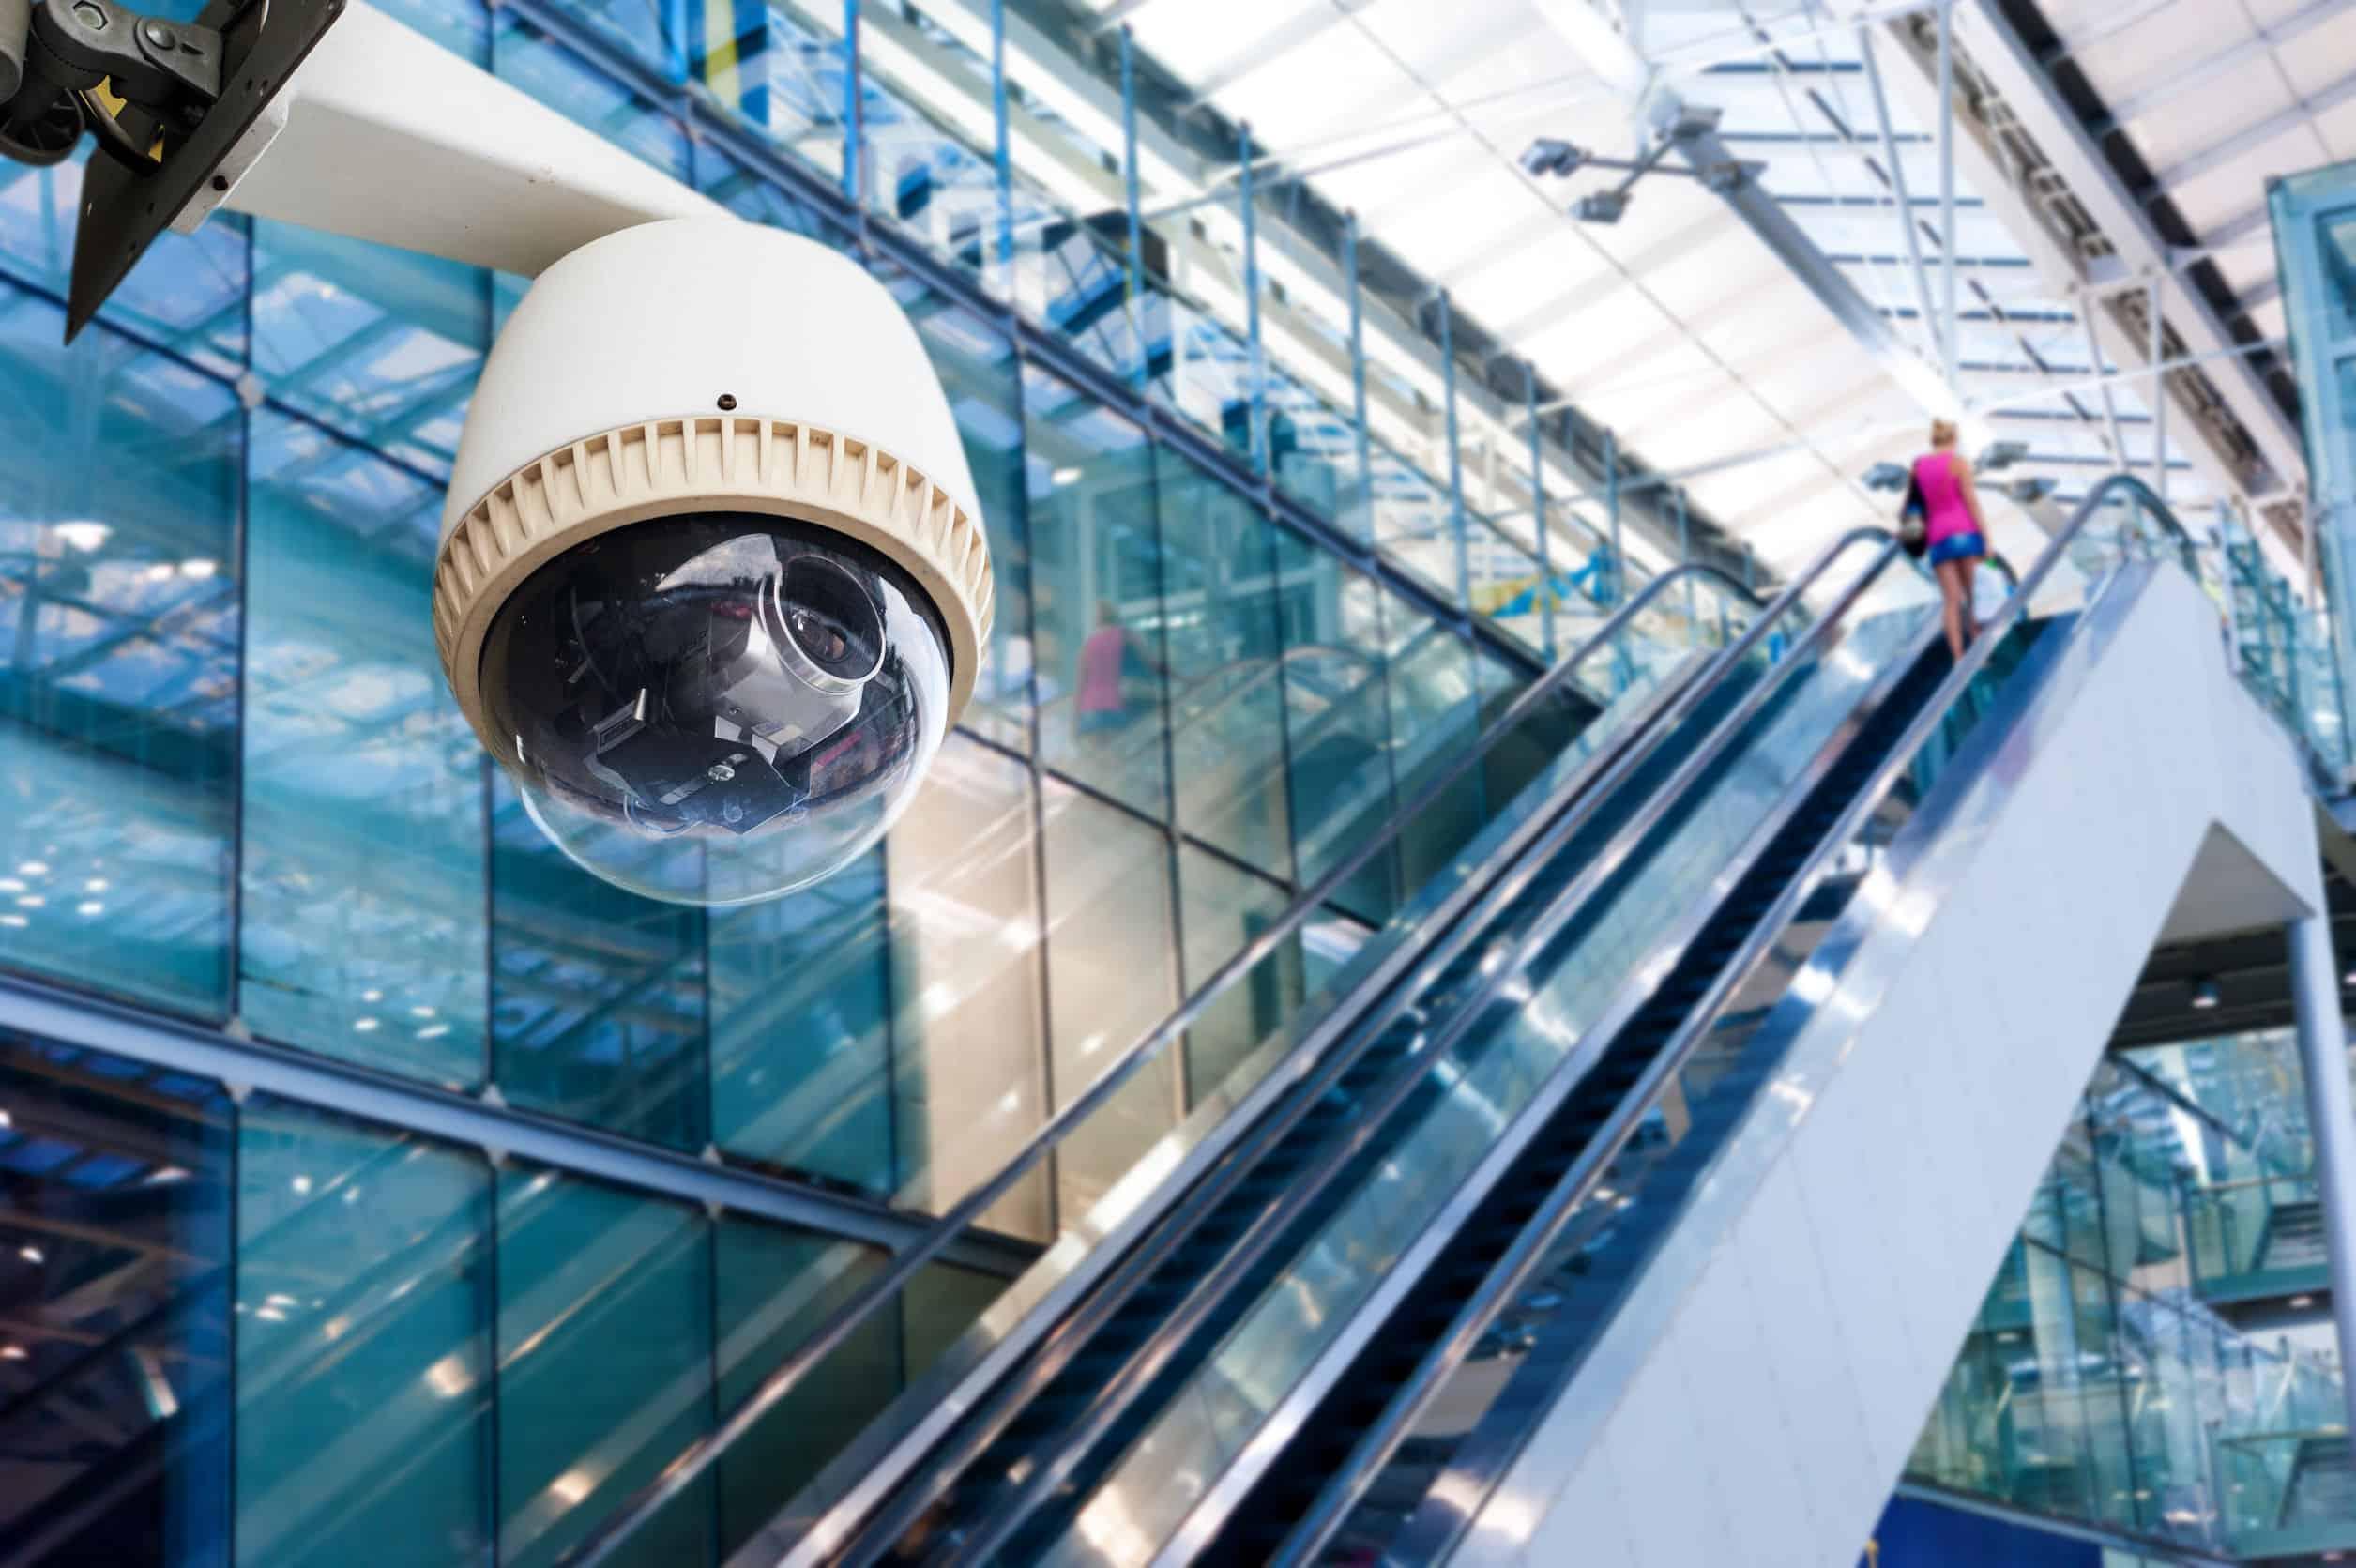 Cámaras de seguridad: ¿Cuál es la mejor del 2020?